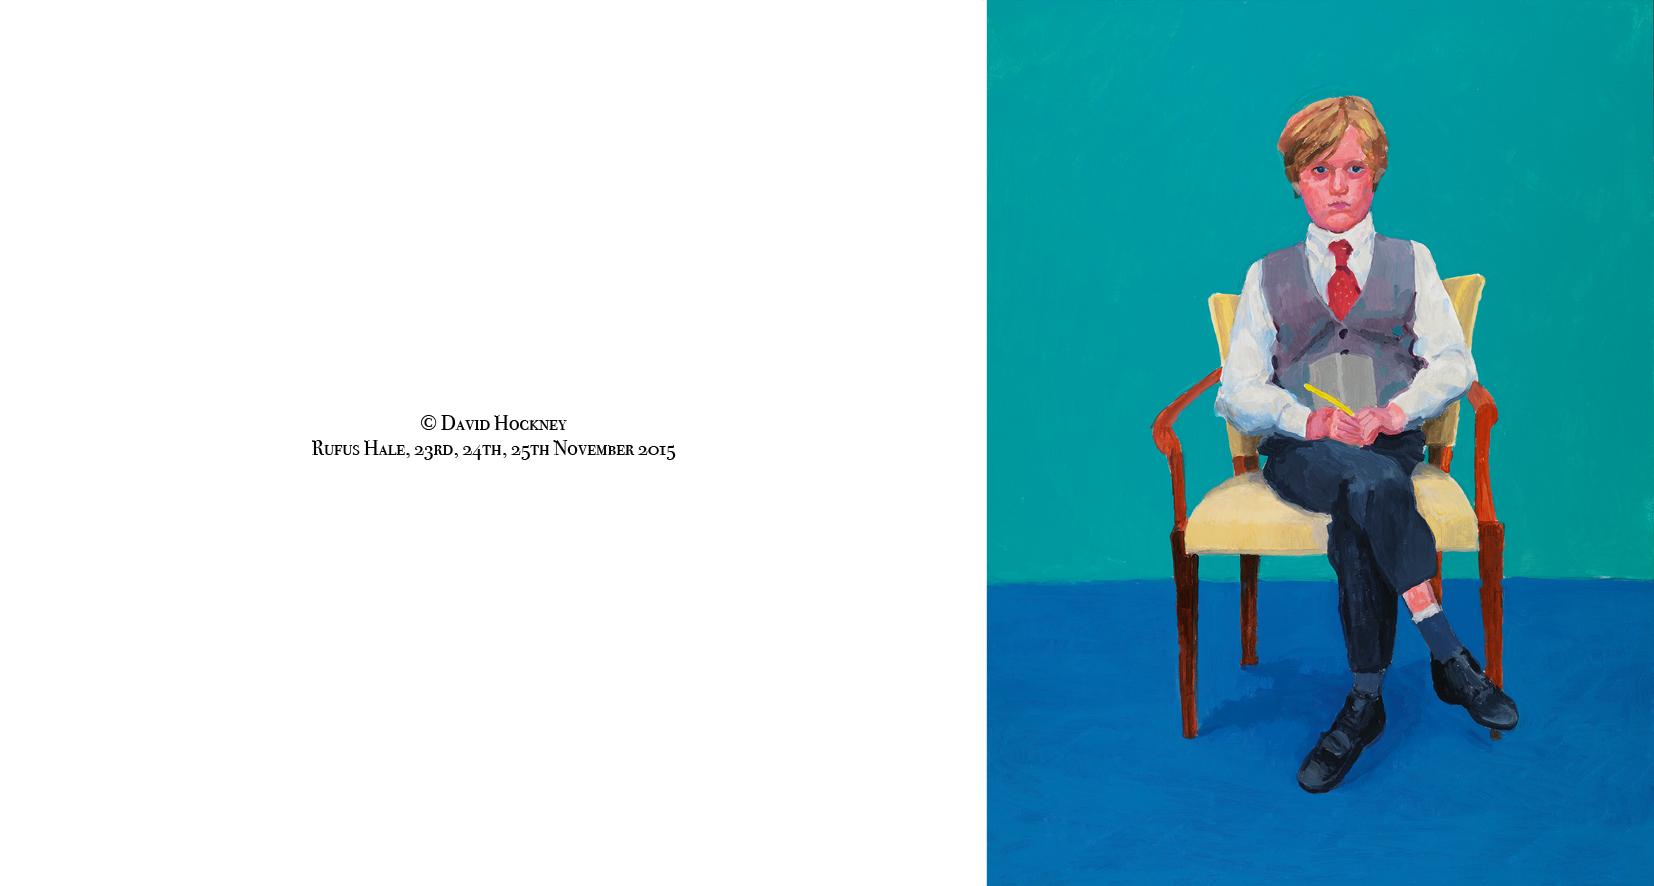 David-Hockney-03A.jpg